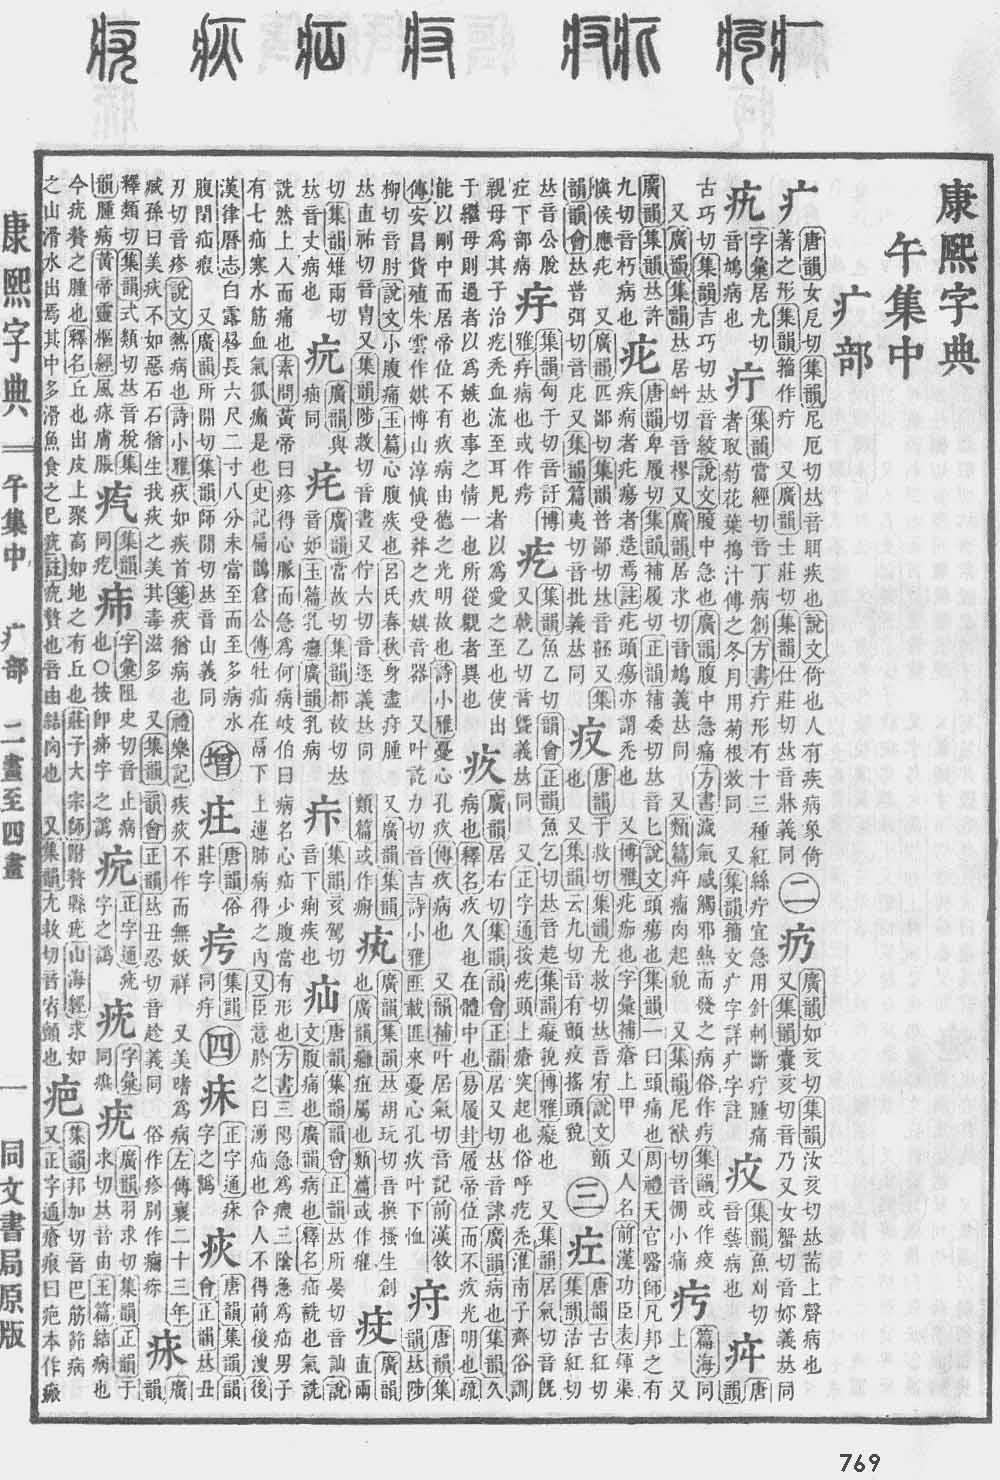 《康熙字典》第769页